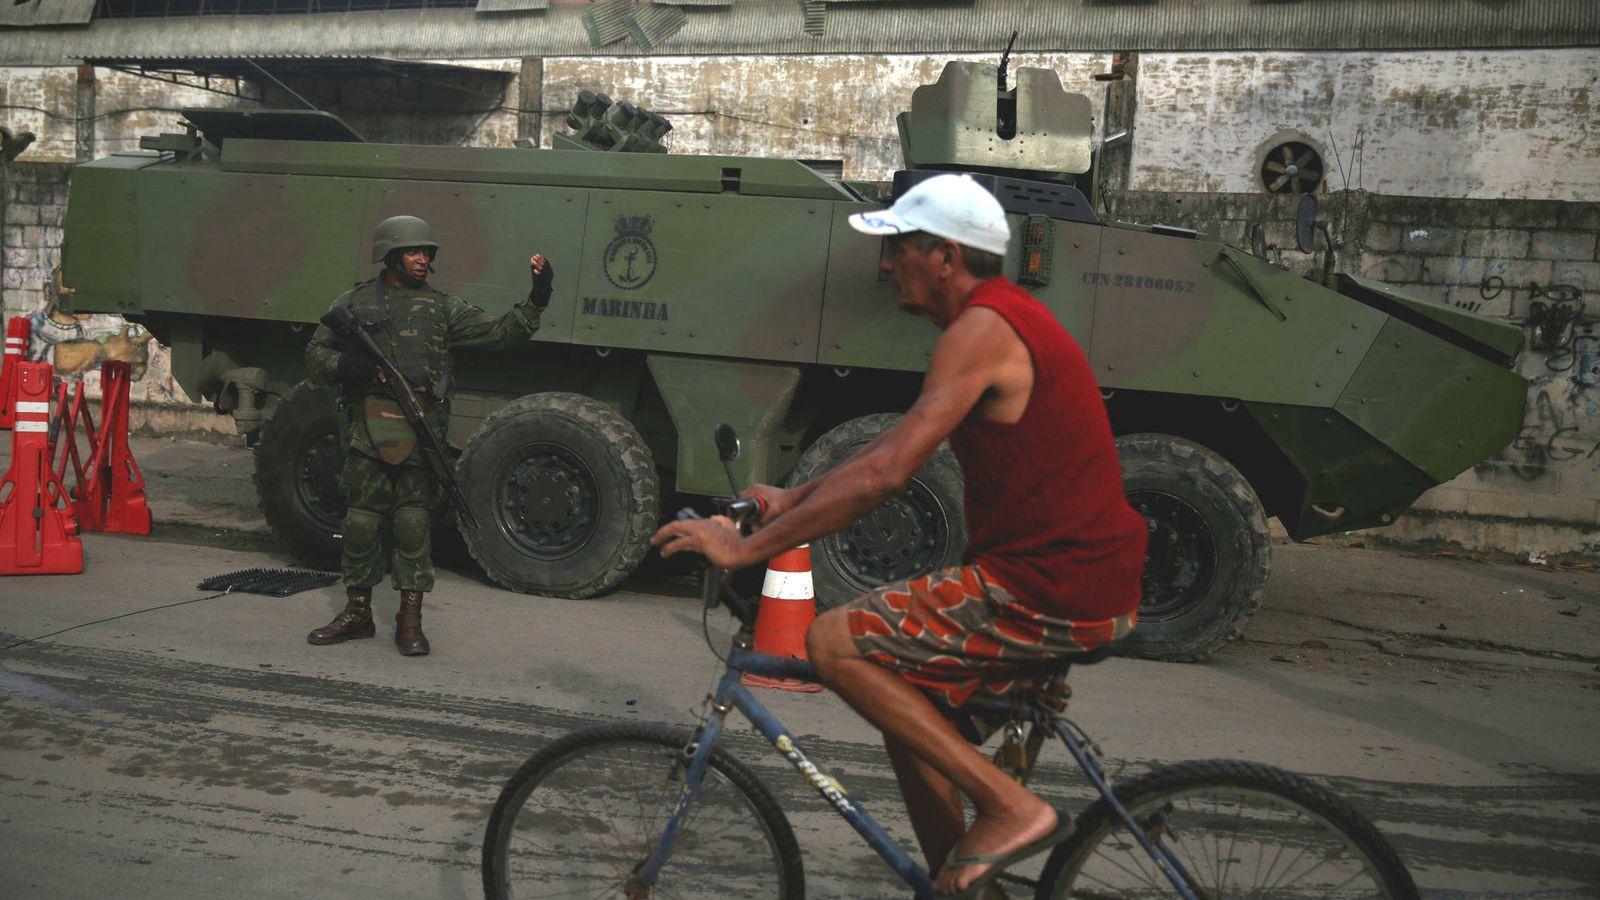 Foto: Miembros de las fuerzas armadas brasileñas patrullan la favela de Kelson, en Río de Janeiro, el 20 de febrero de 2018. (Reuters)